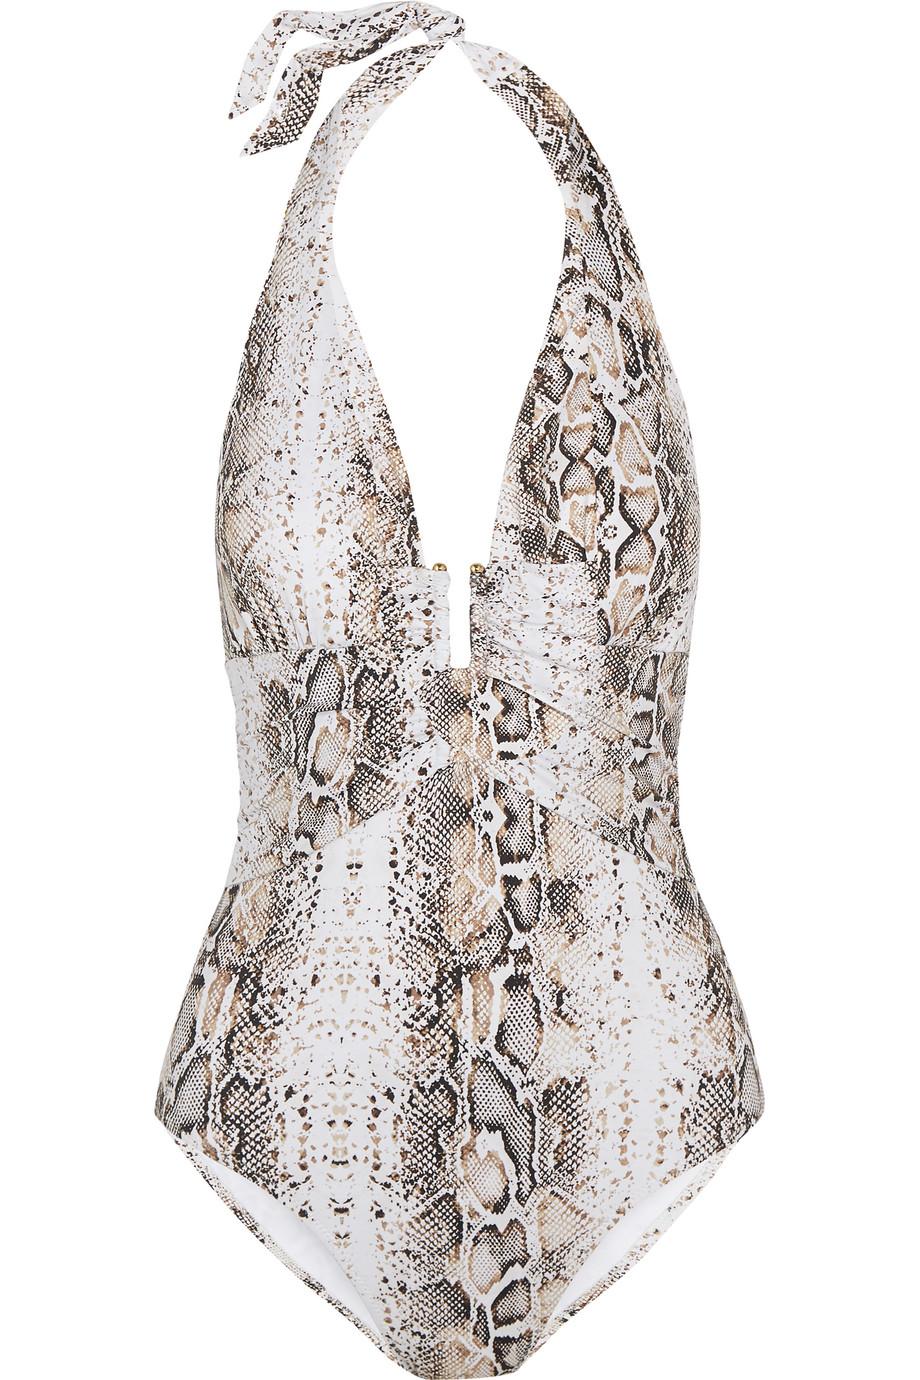 Heidi Klein Tobago Snake-Print Plunge Swimsuit, White/Snake Print, Women's, Size: M